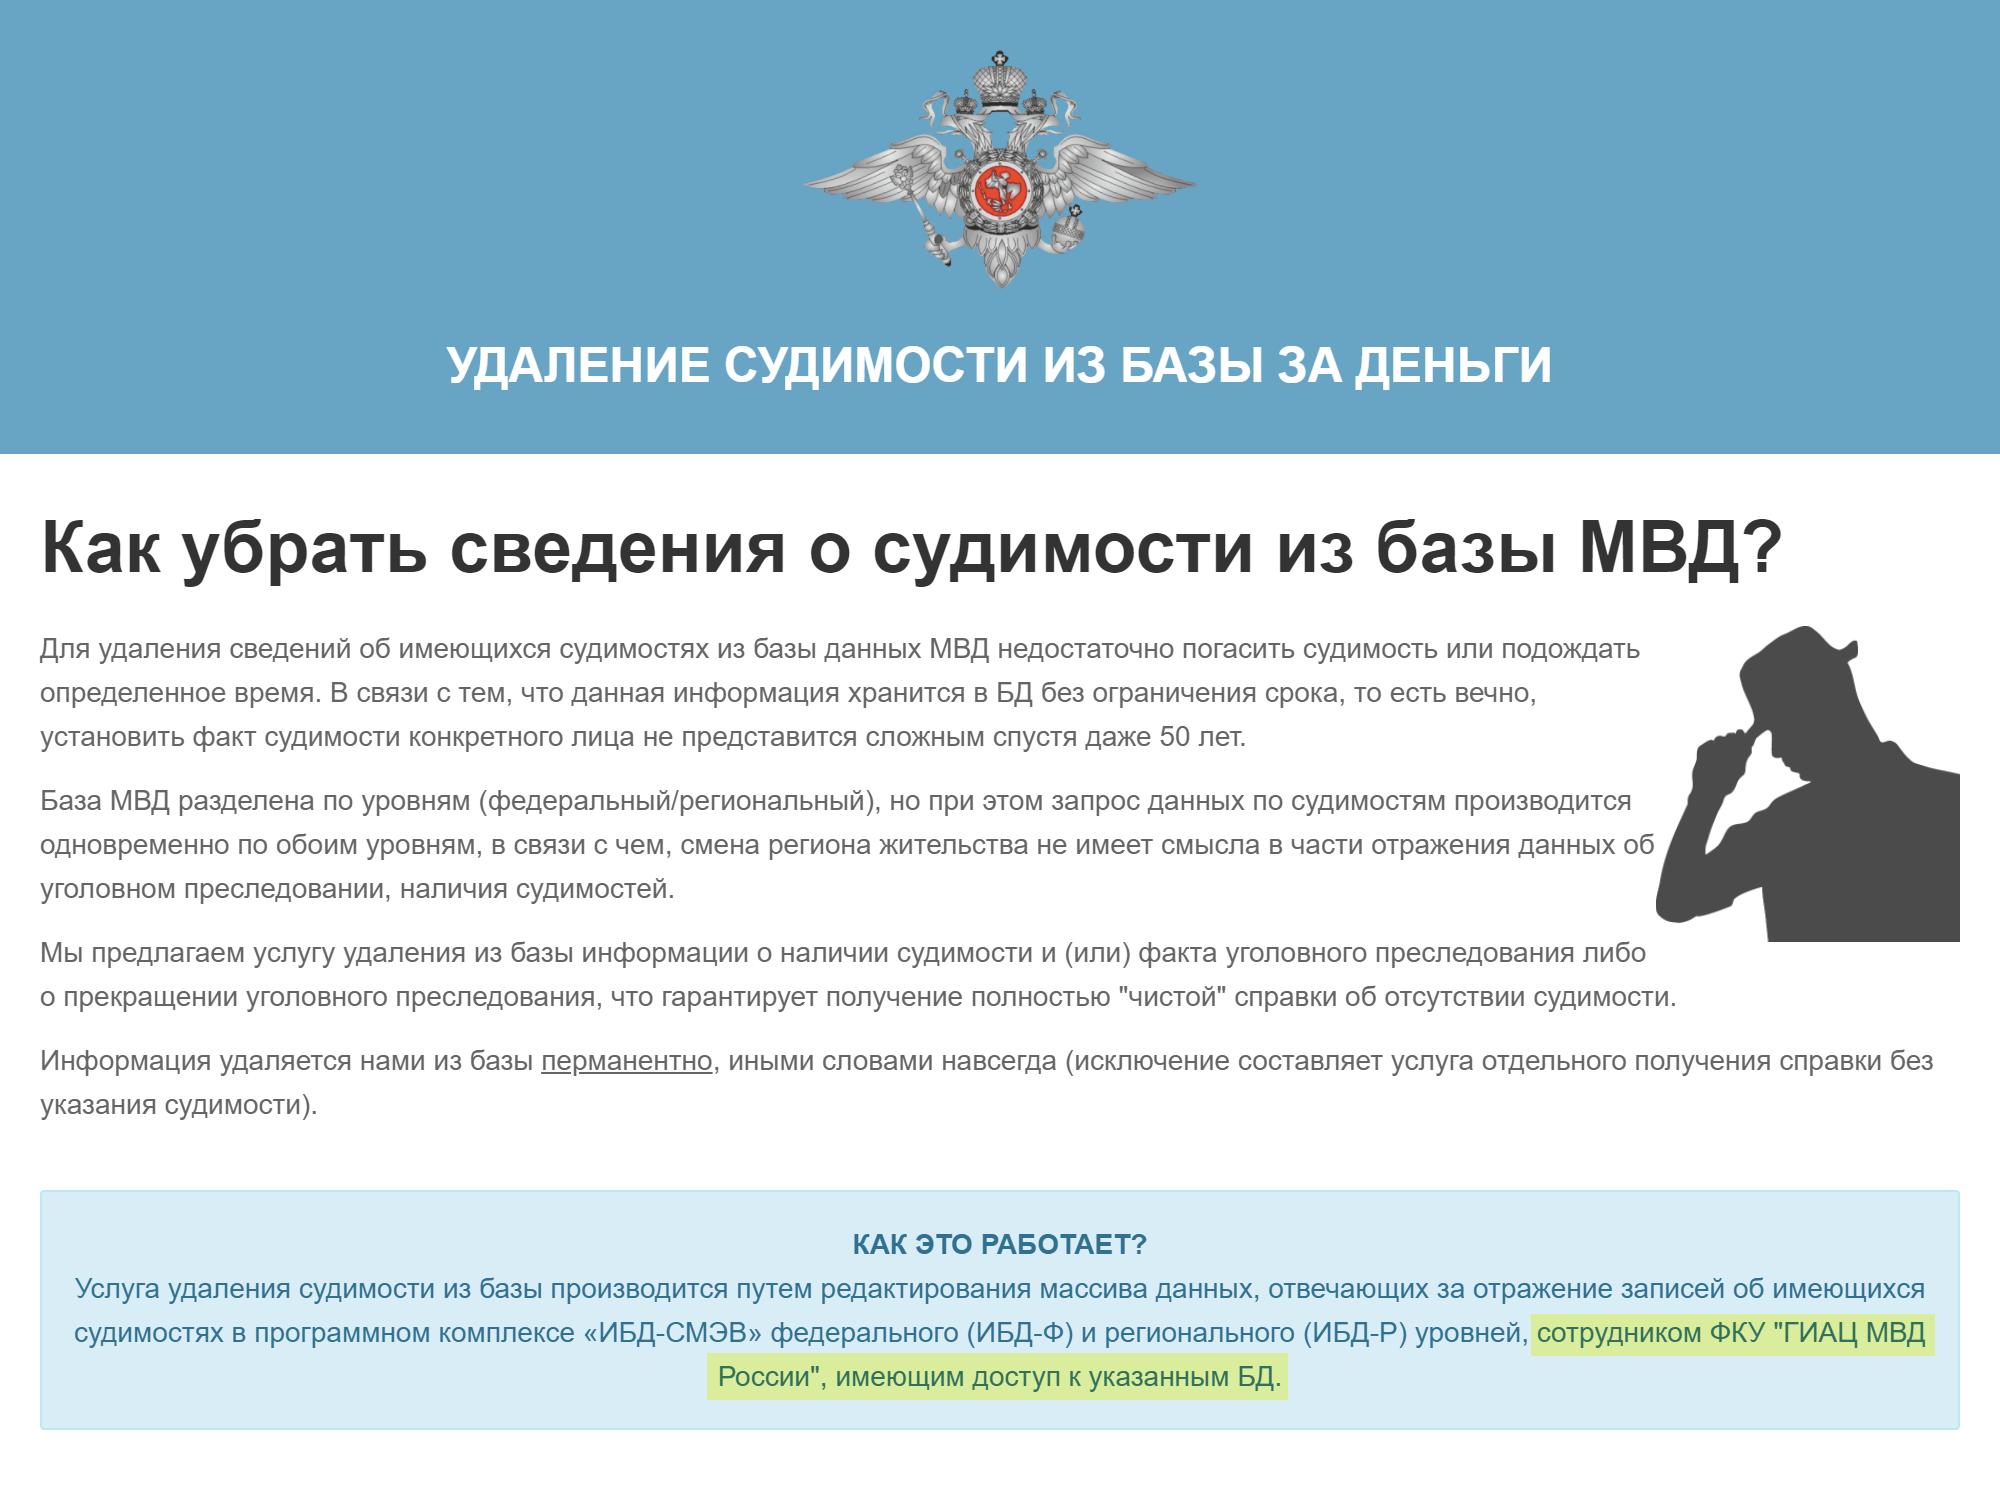 Сайт сервиса утверждает, что судимость подчищает сотрудник МВД с доступом к нужной базе данных